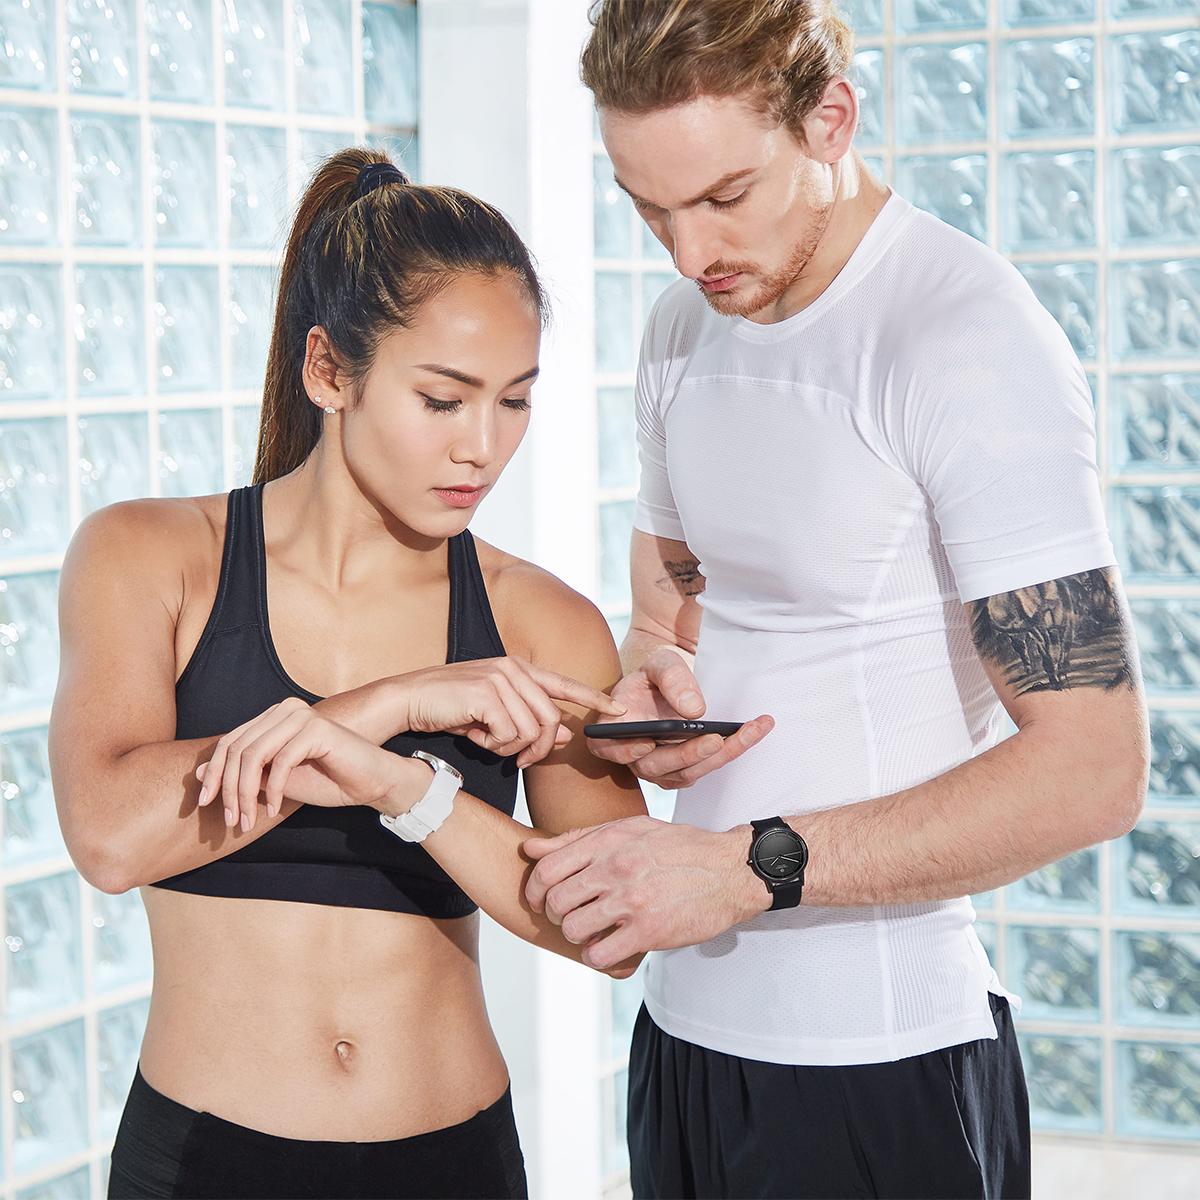 1日の運動量や睡眠時間といった「行動」も記録できるスマートウォッチ「NOERDEN(ノエルデン)」もおすすめ。「スマート体重計」|MINIMI(ミニミ)